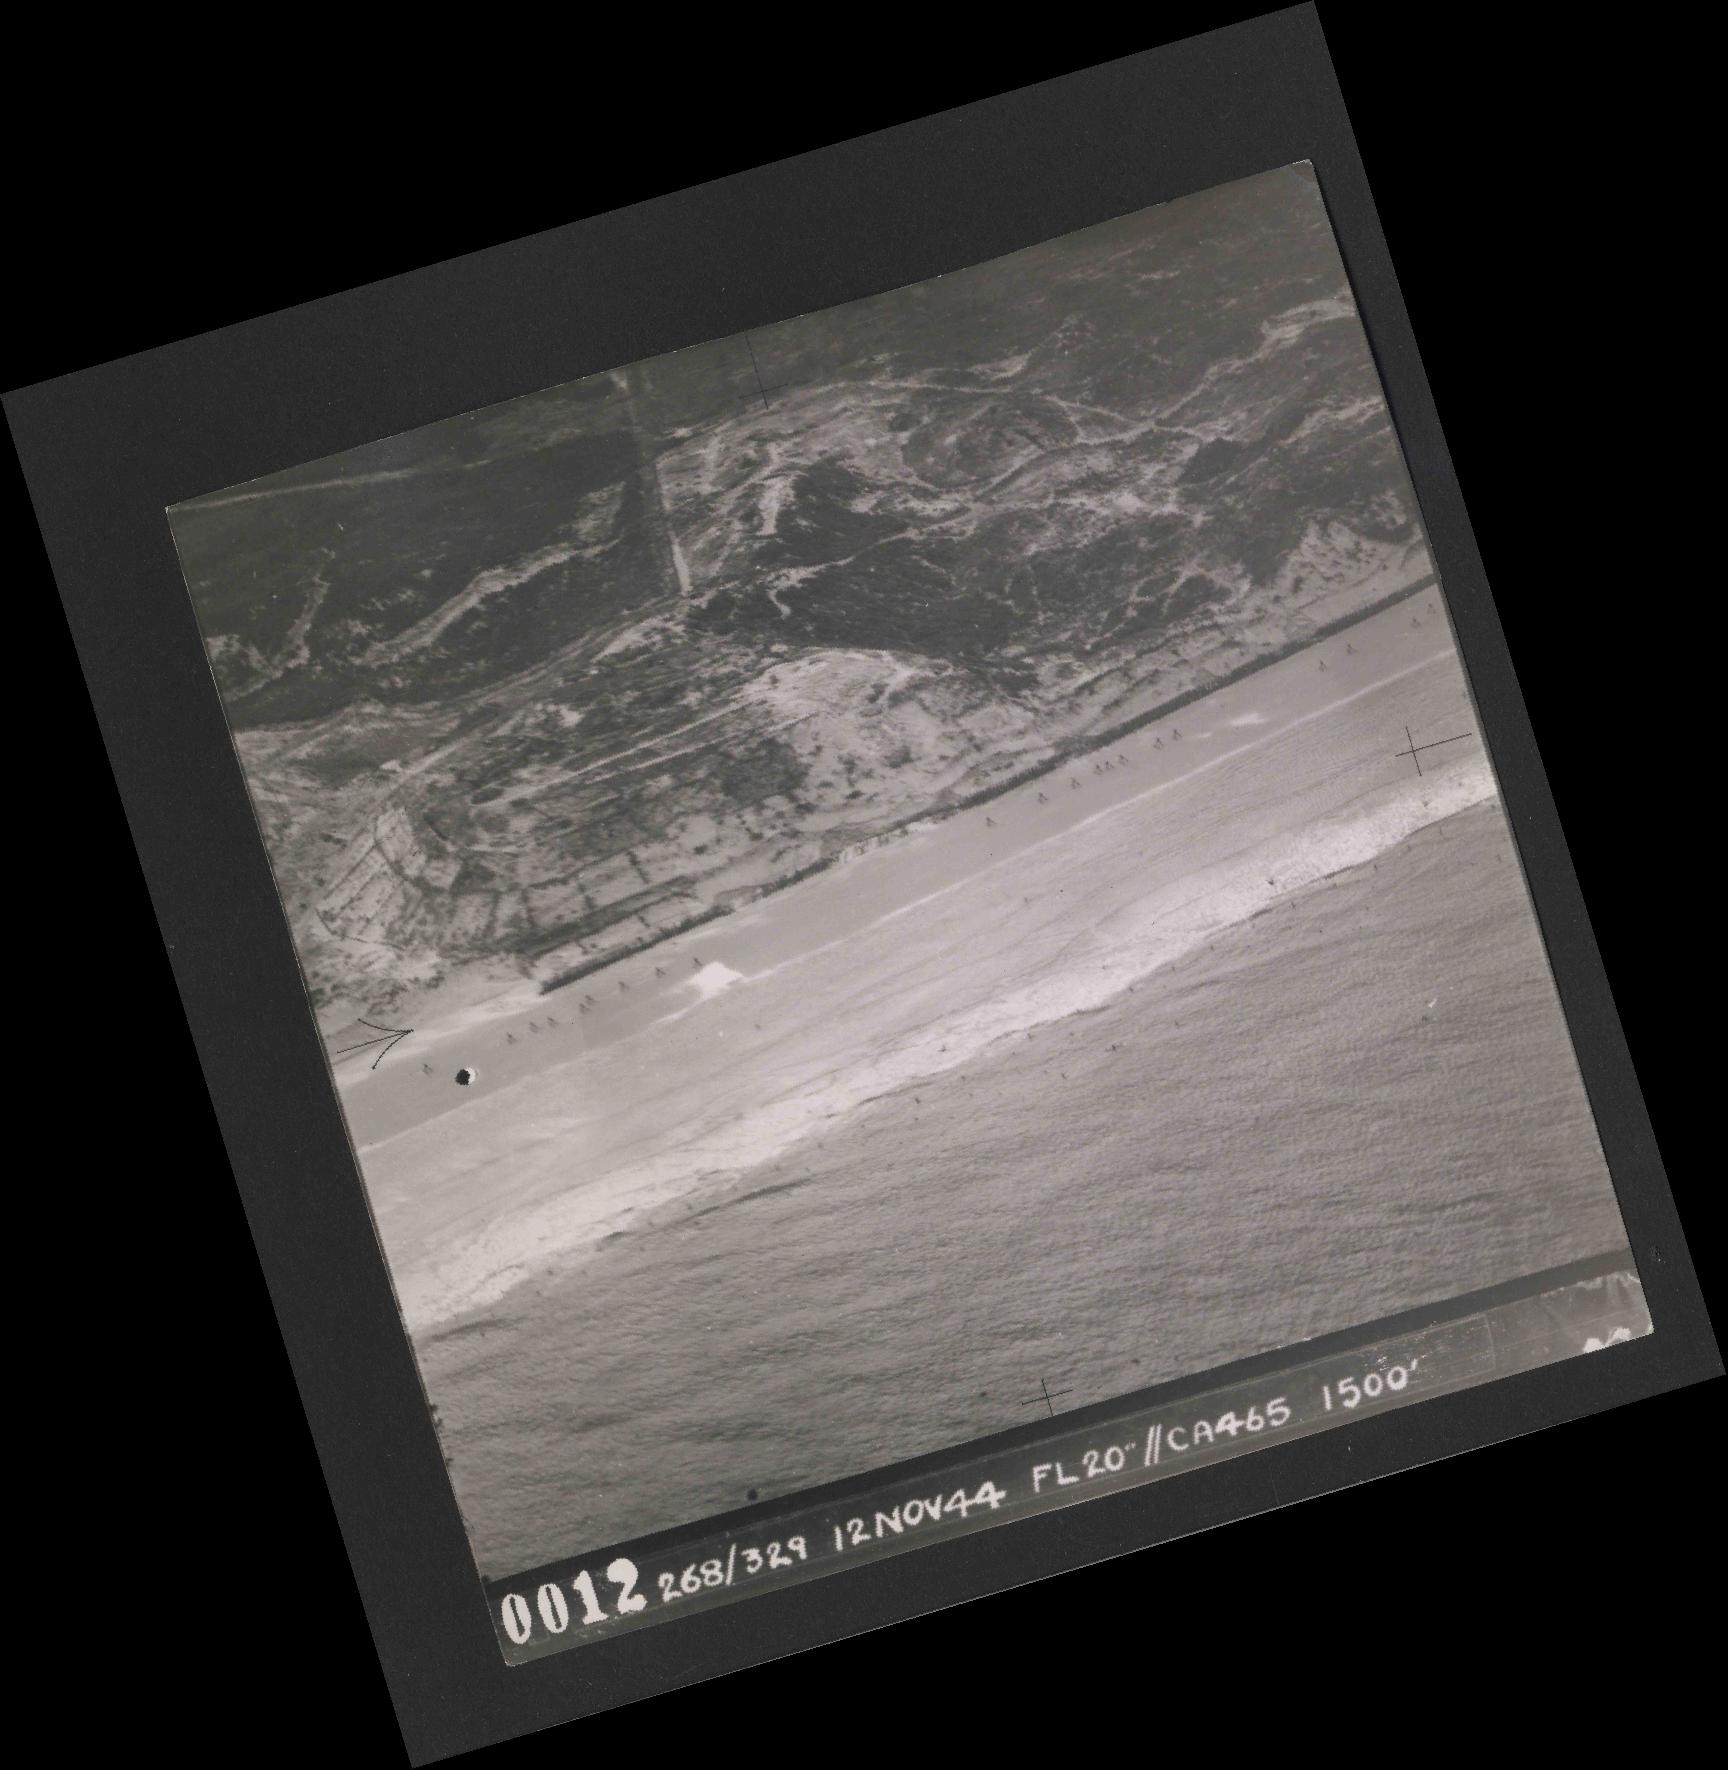 Collection RAF aerial photos 1940-1945 - flight 553, run 01, photo 0012